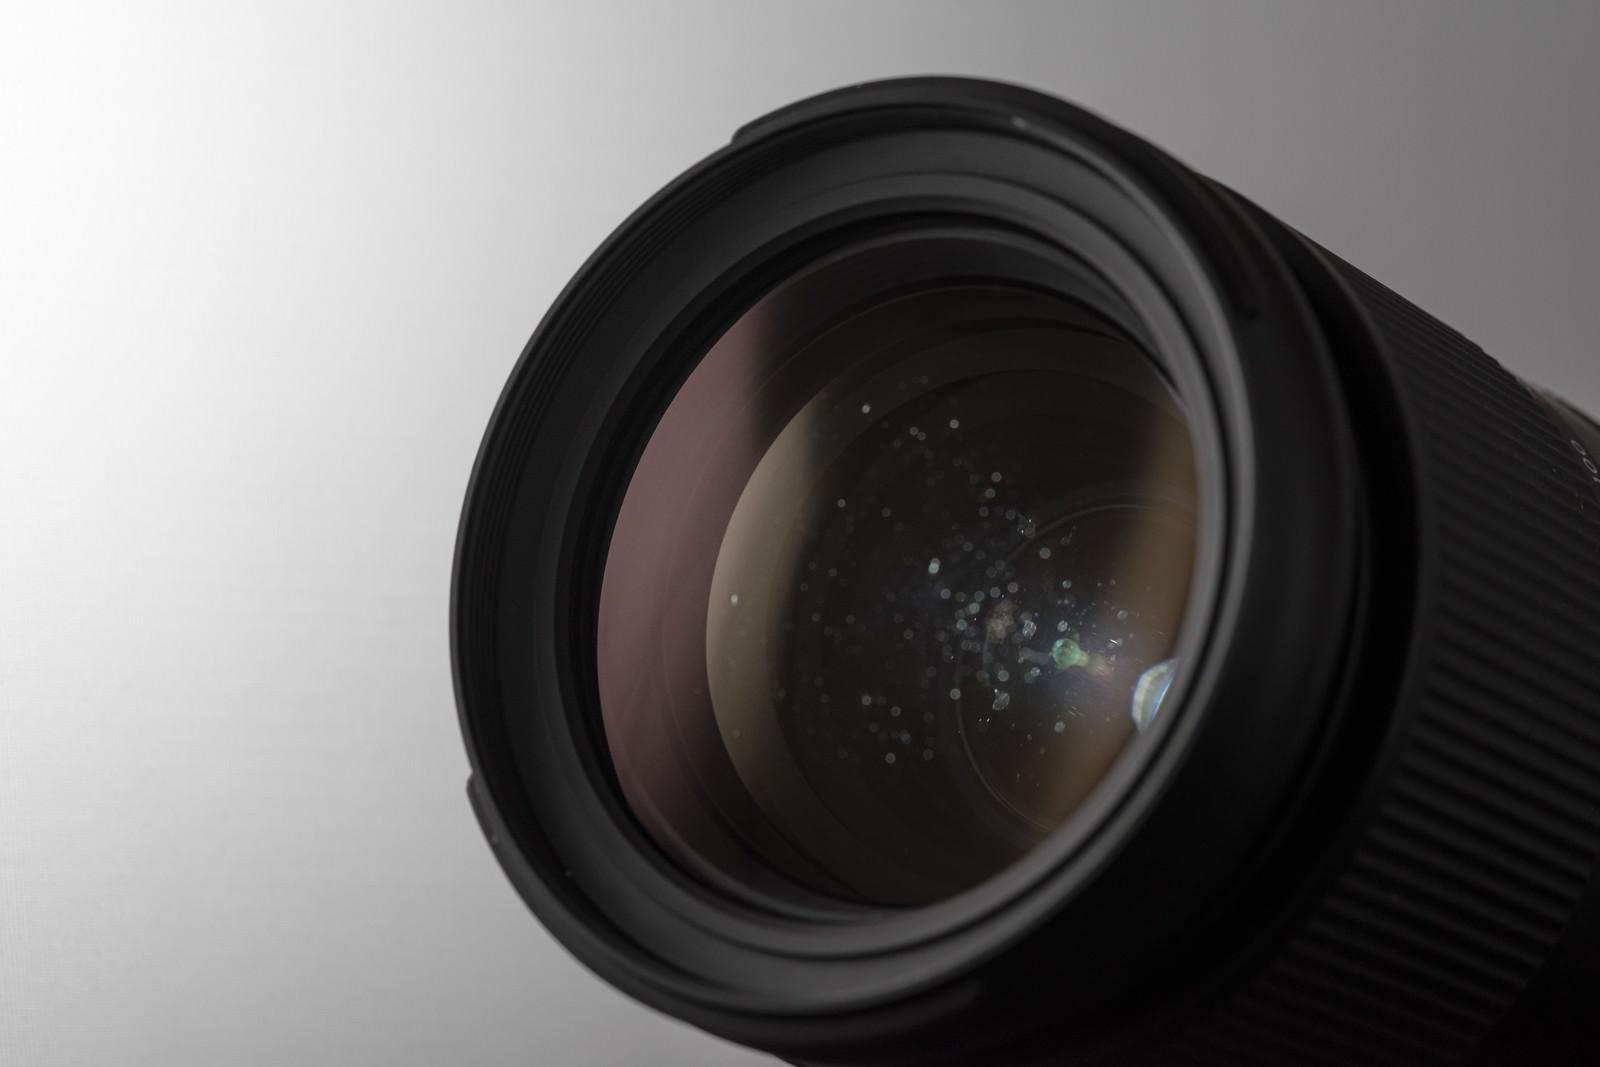 「レンズの中に結露した水滴痕が残る様子」の写真